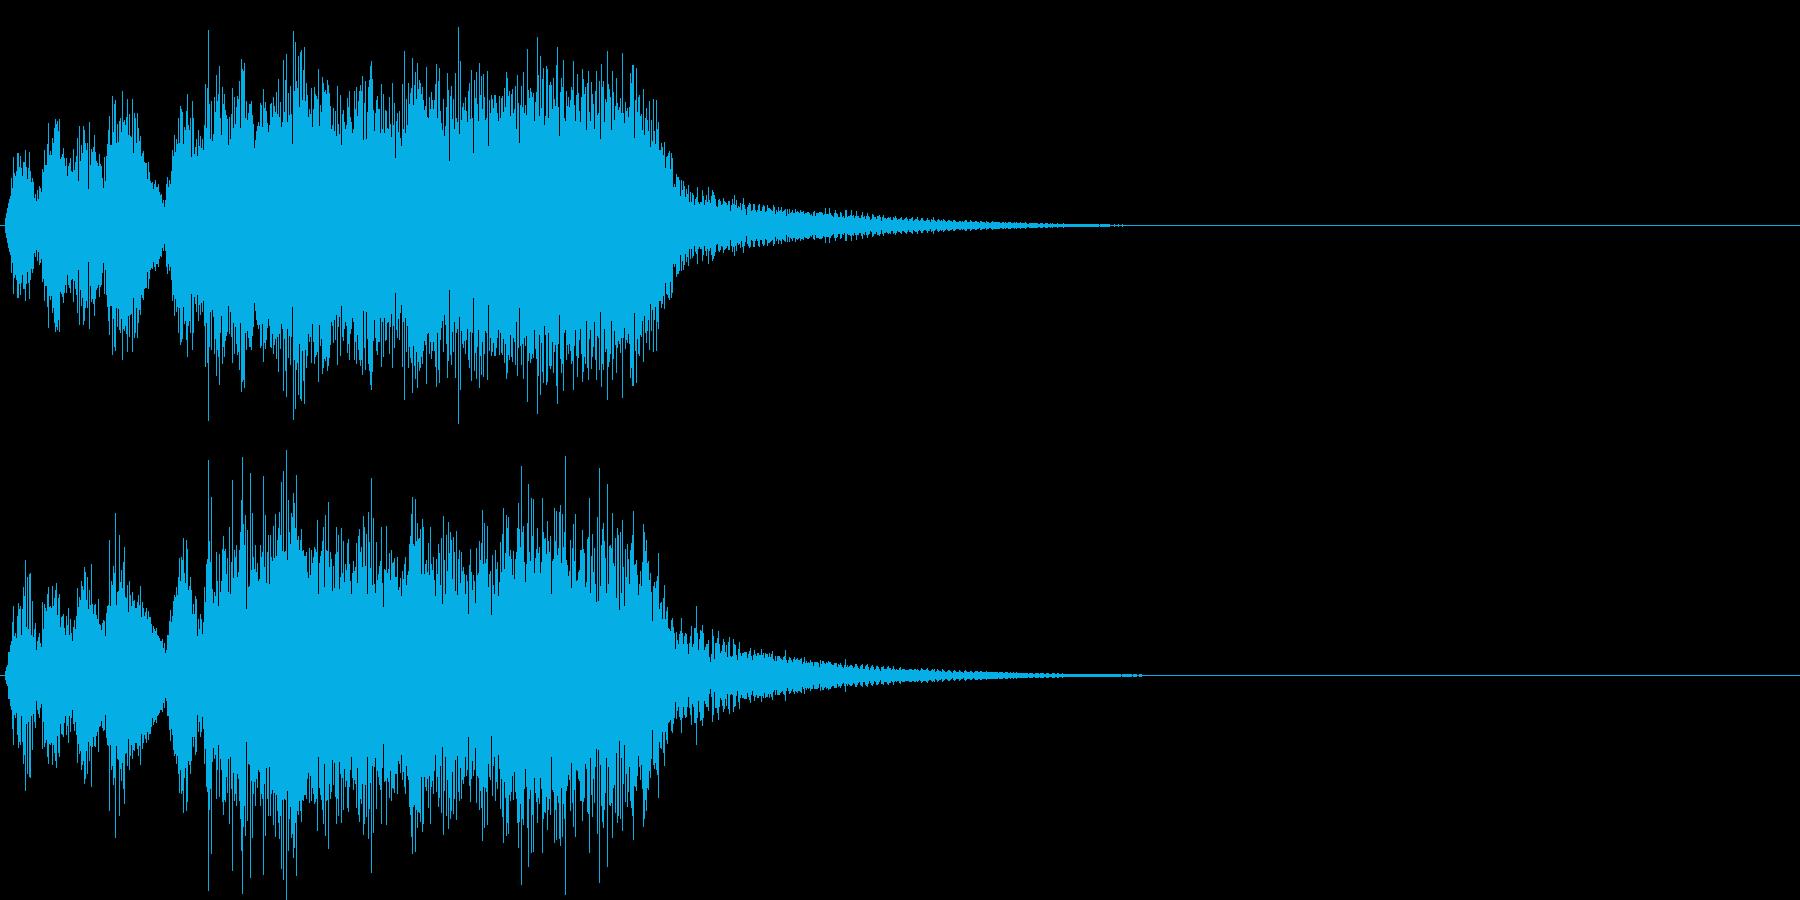 汎用22 ジャジャジャジャッジャジャーンの再生済みの波形